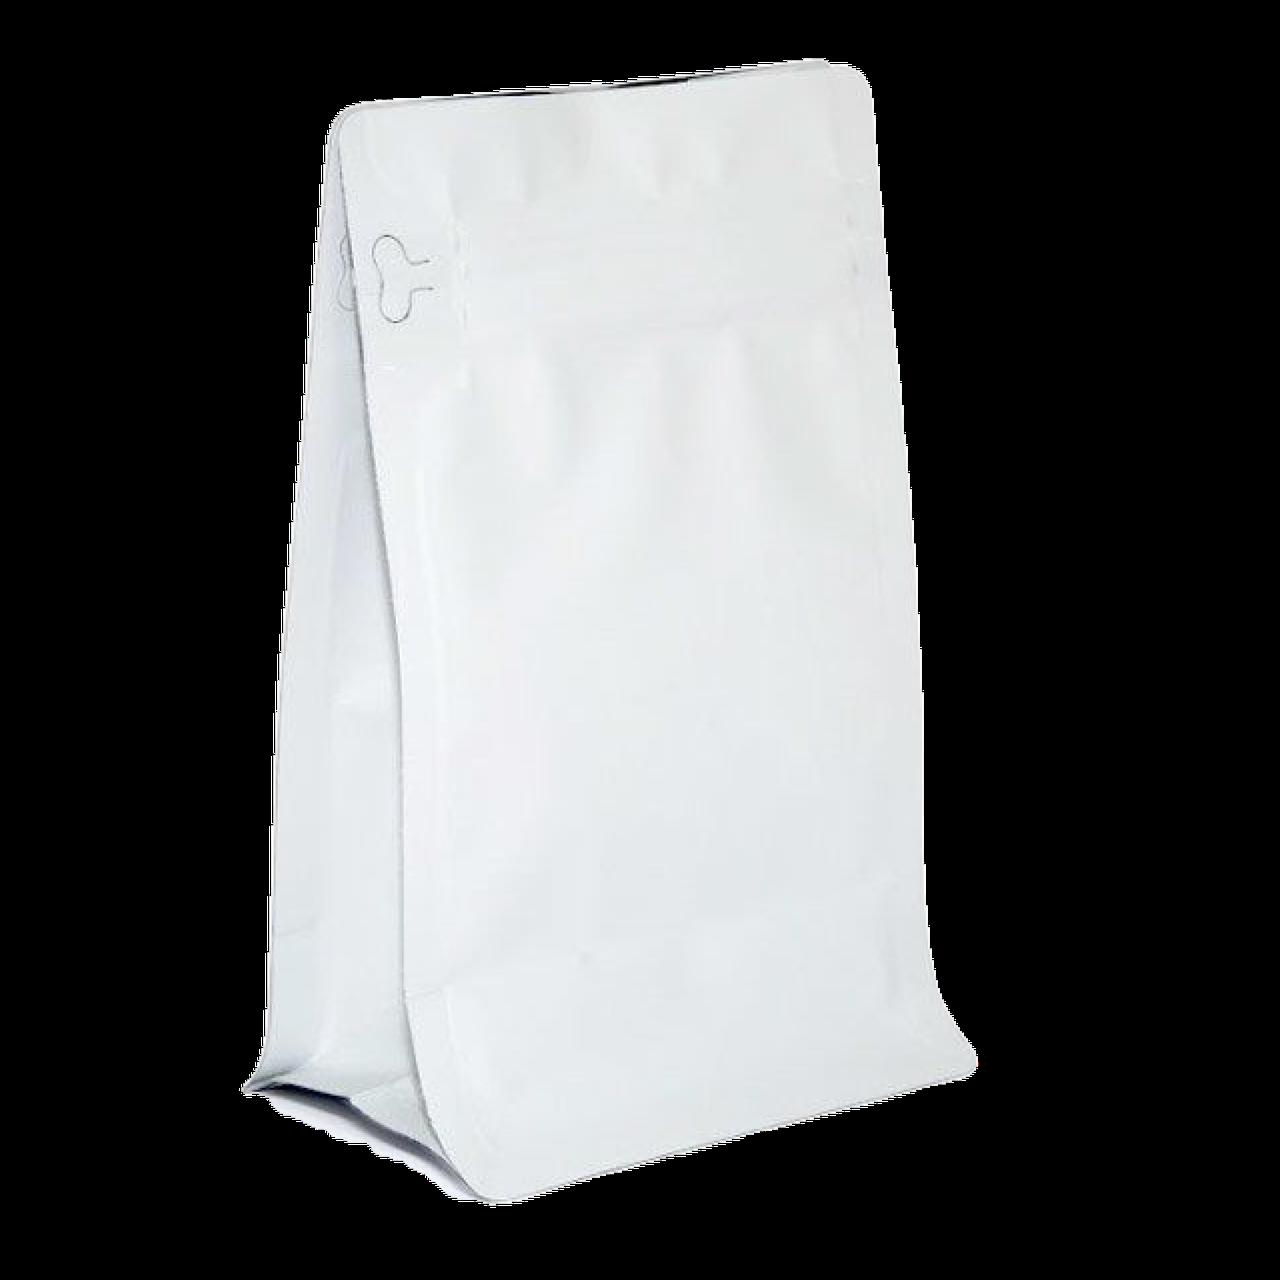 Пакет з плоским дном 130*255 дно (45+45) білий, бічній zip-замок